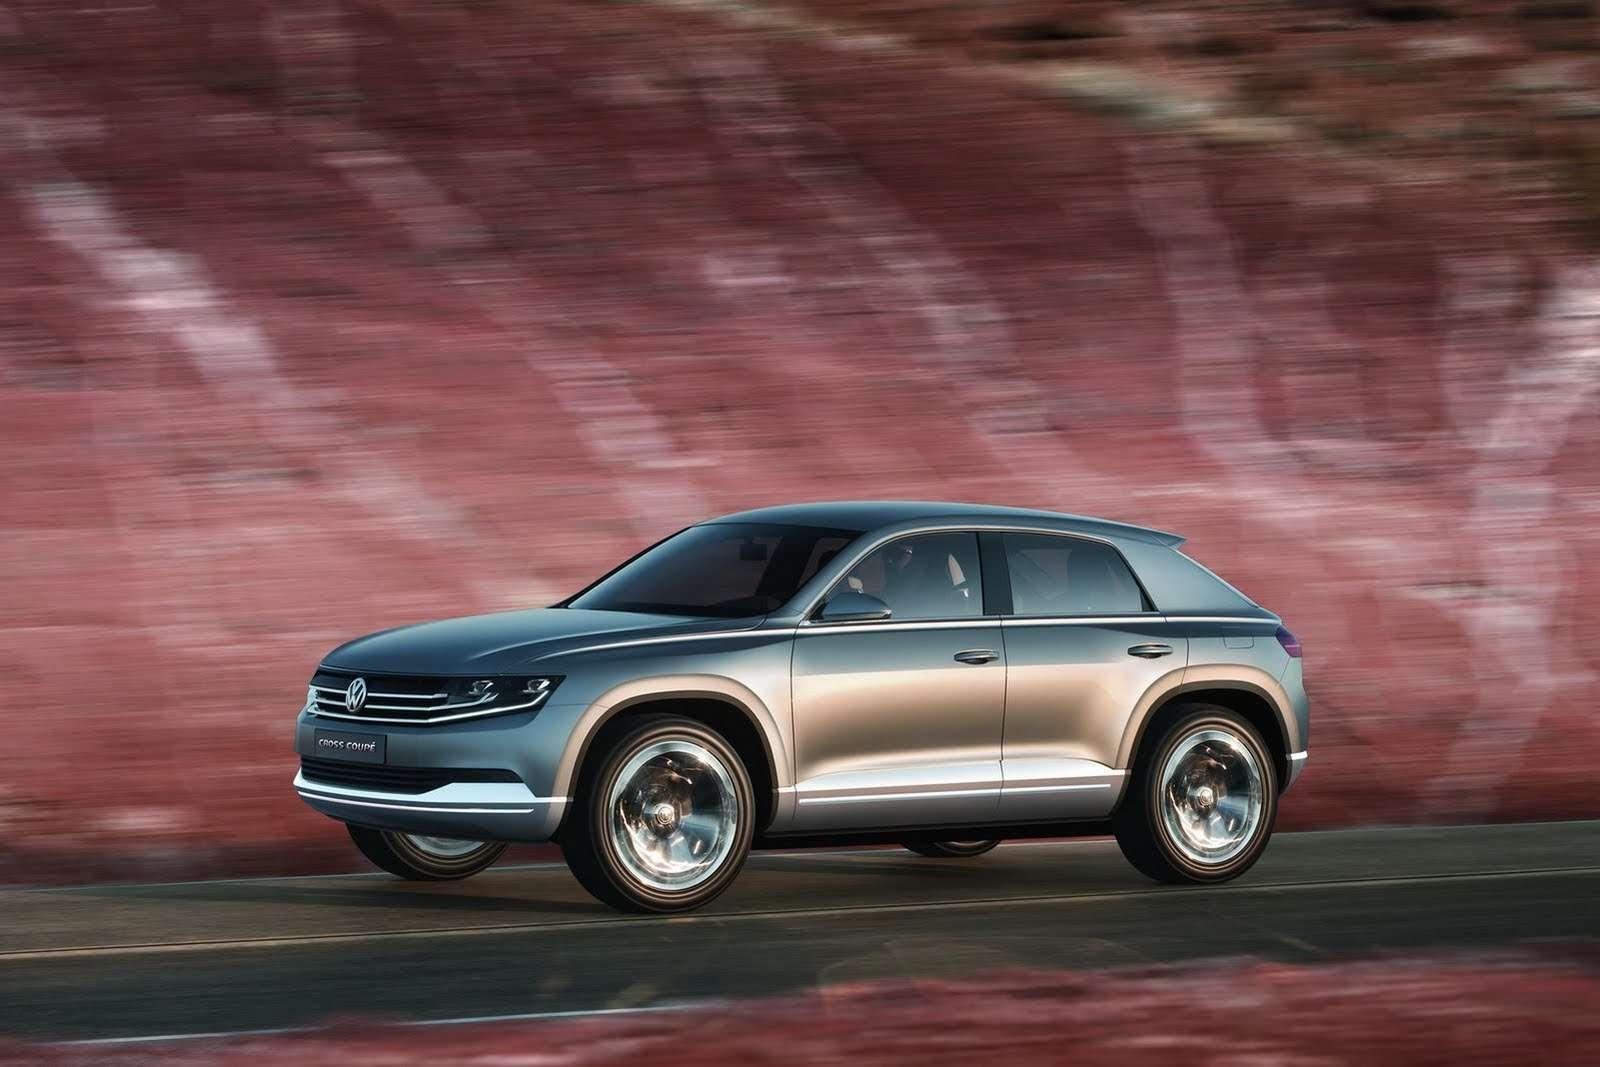 Volkswagen-Cross-Coupe-Concept-Carscoop13